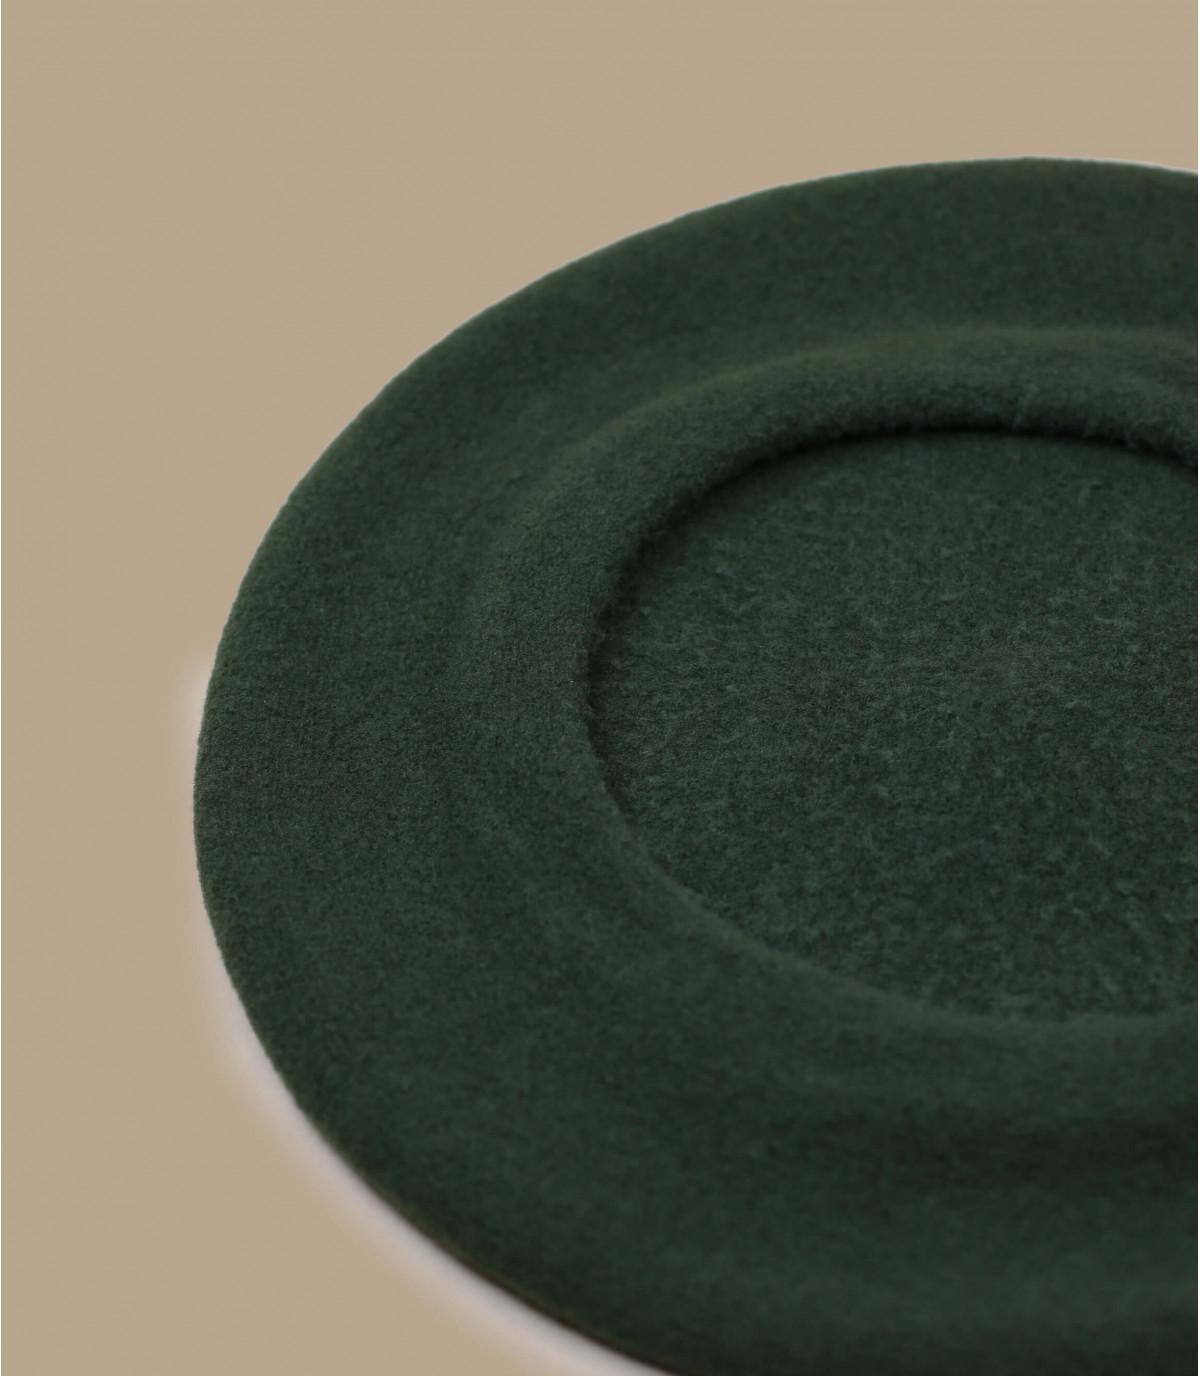 béret basque laine vert-kaki